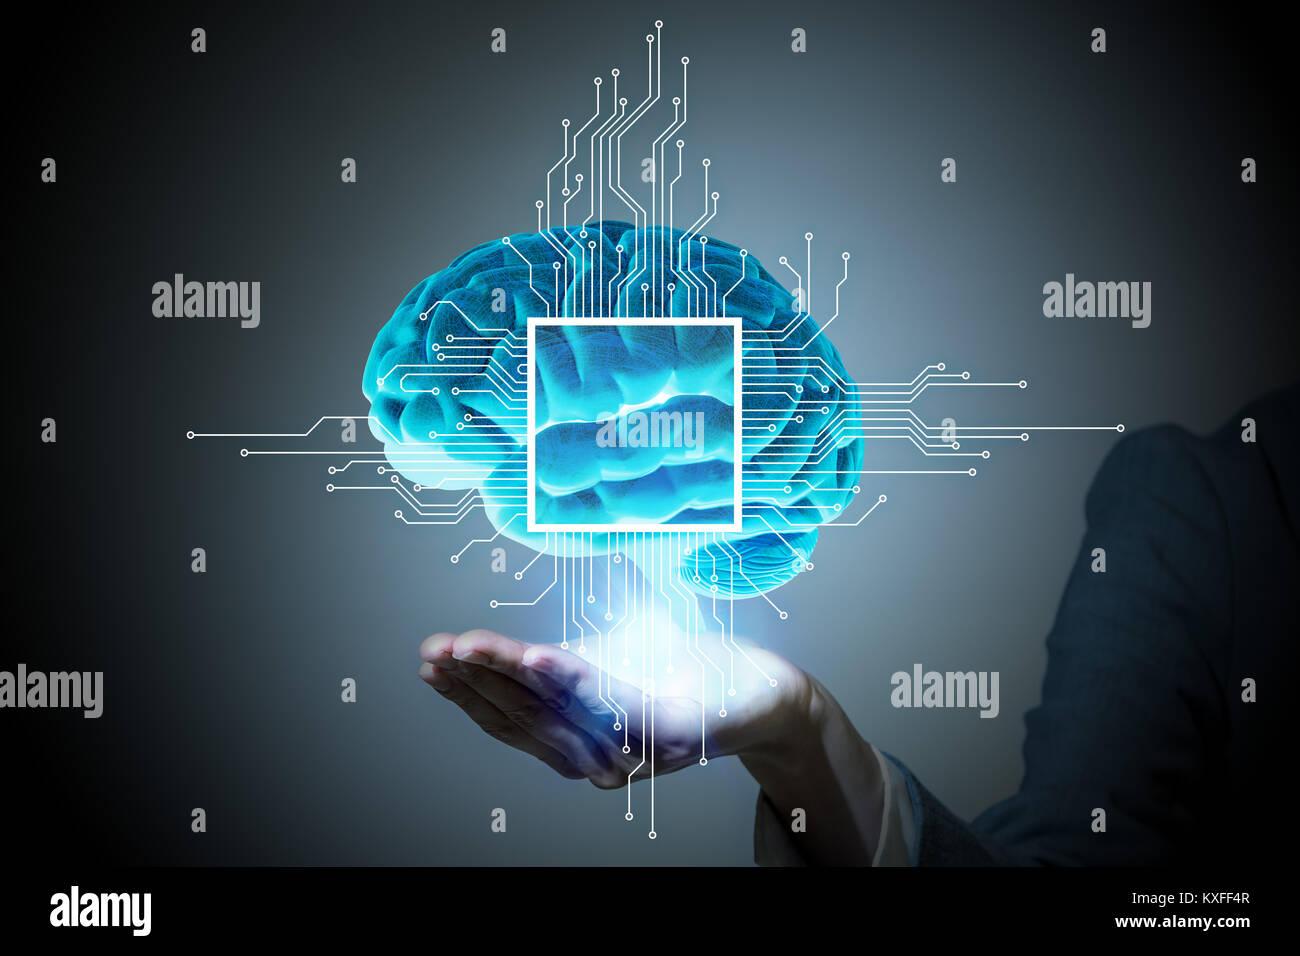 AI(Artificial Intelligence) concetto, rendering 3D, immagine astratta visual Immagini Stock